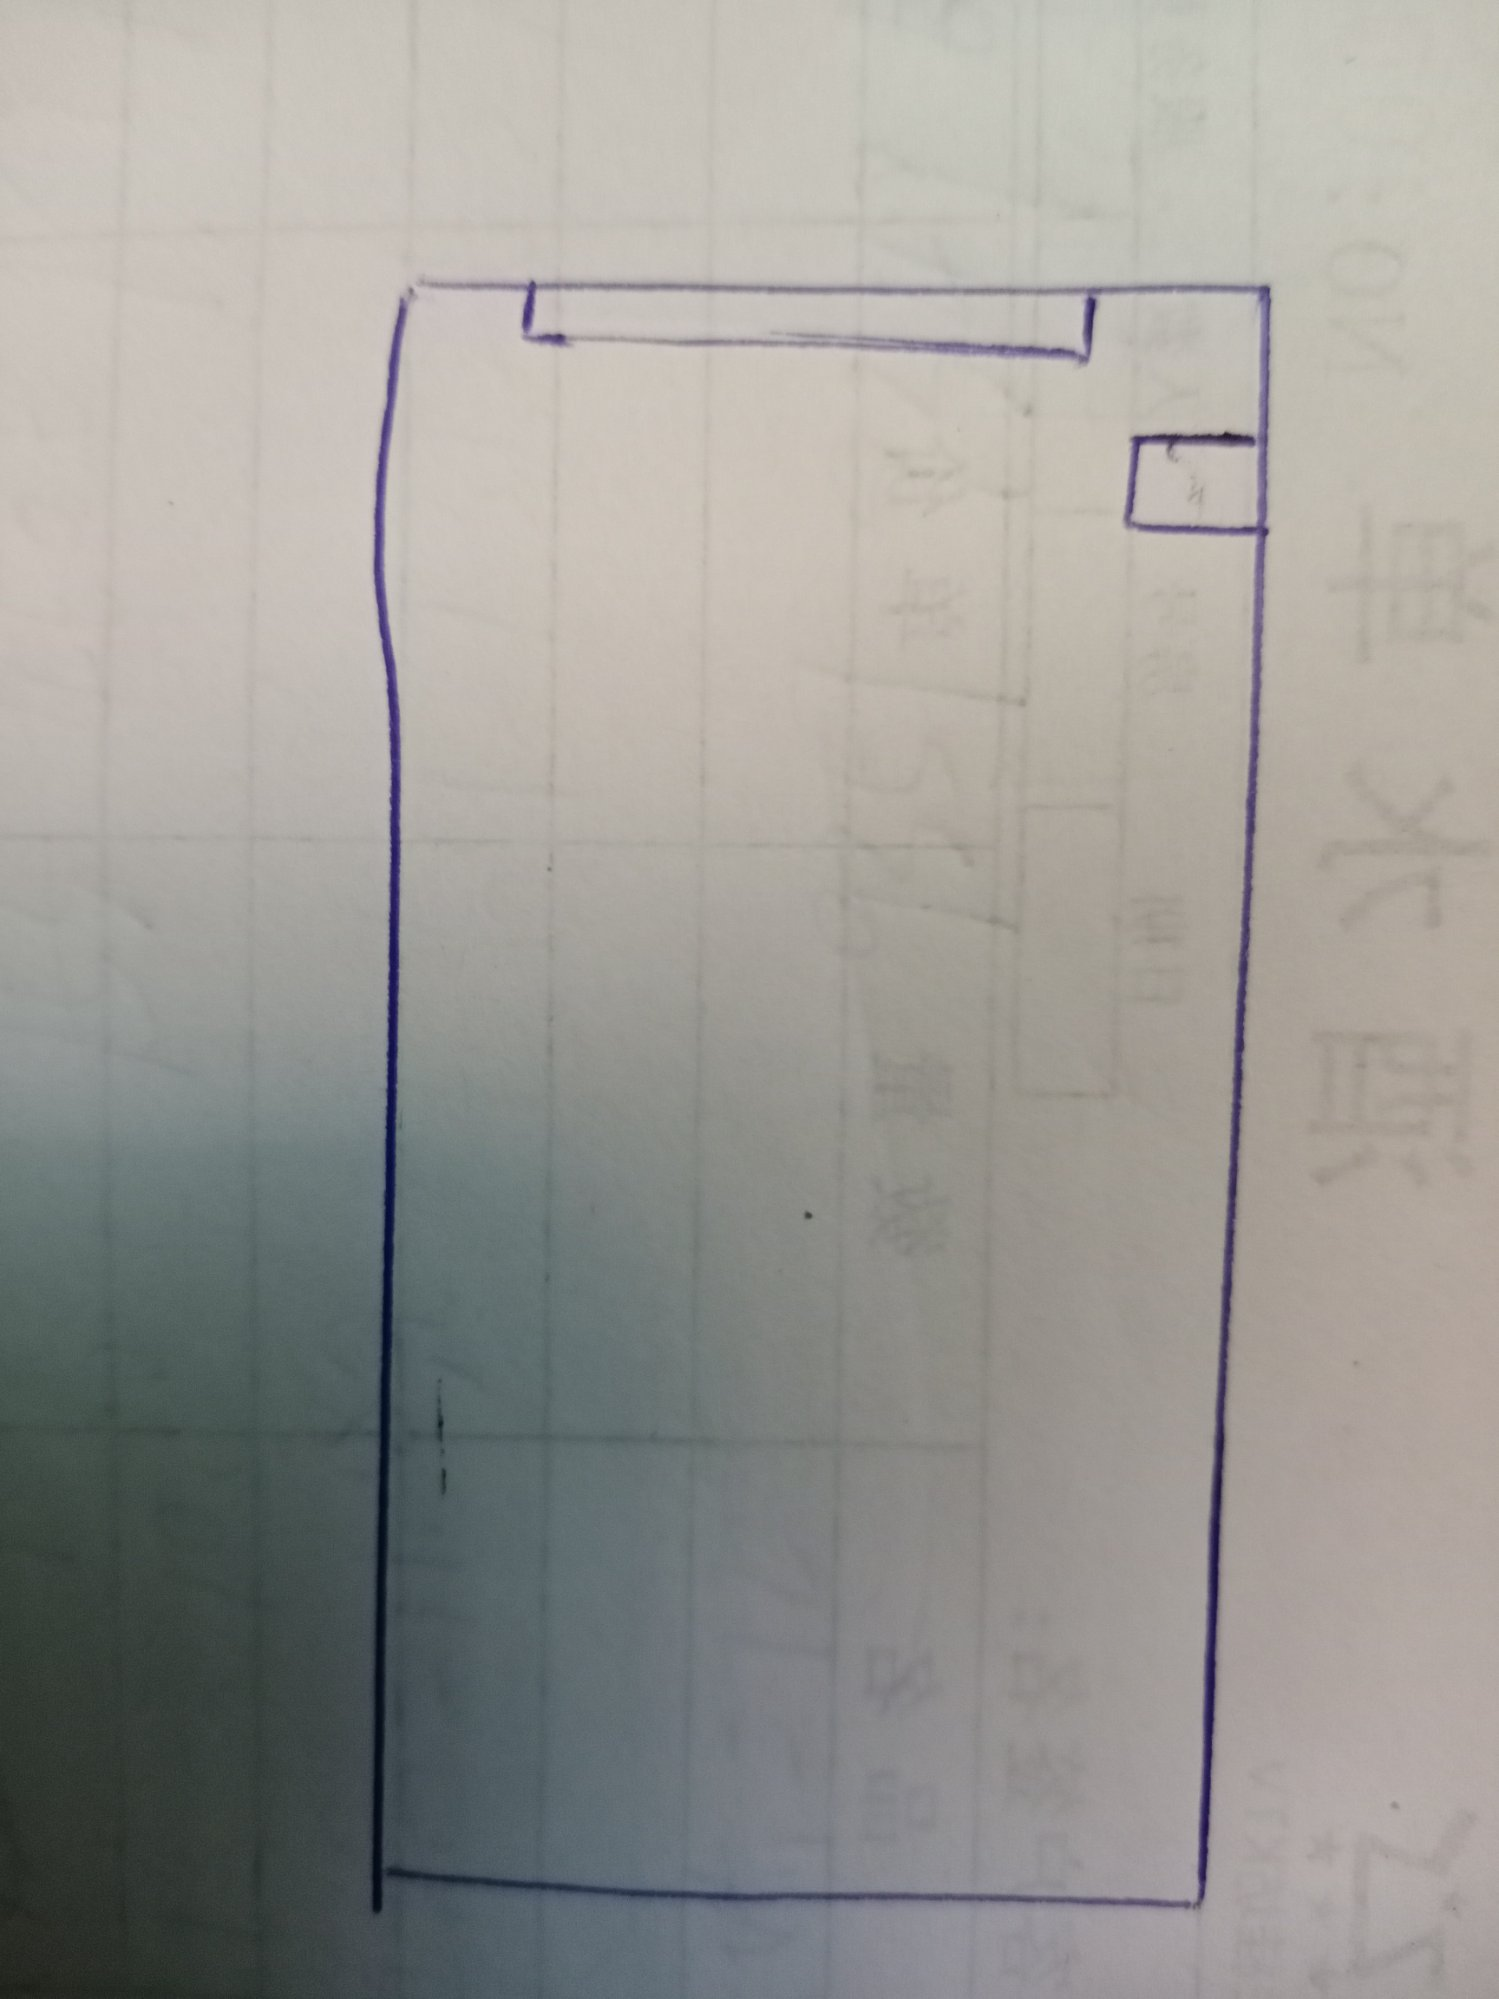 长六米宽三米的卧室怎么装修?西面墙有个门,南边是个窗户。